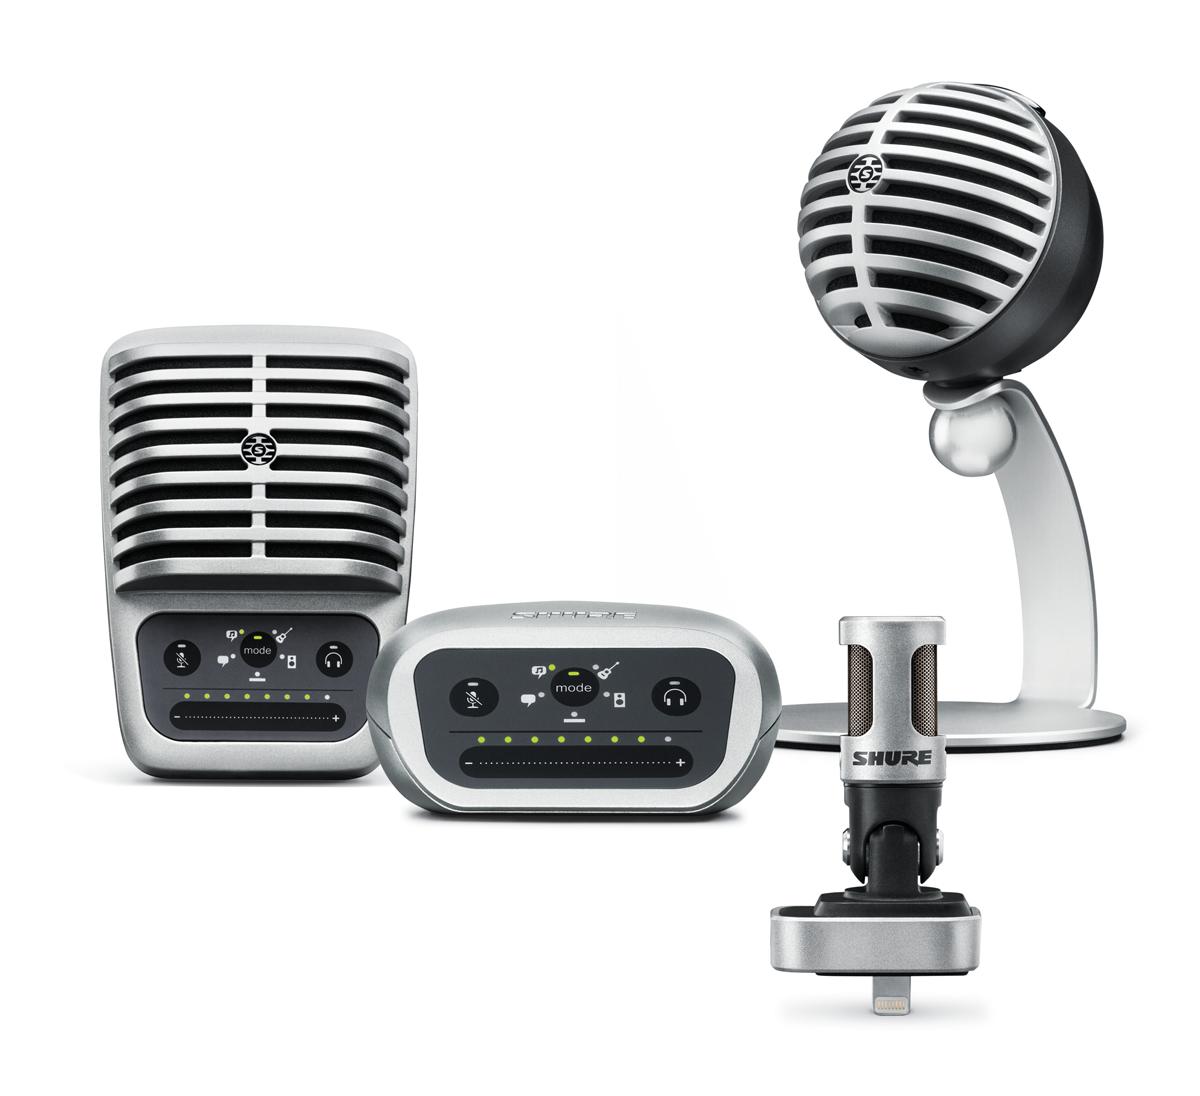 shure microphones website